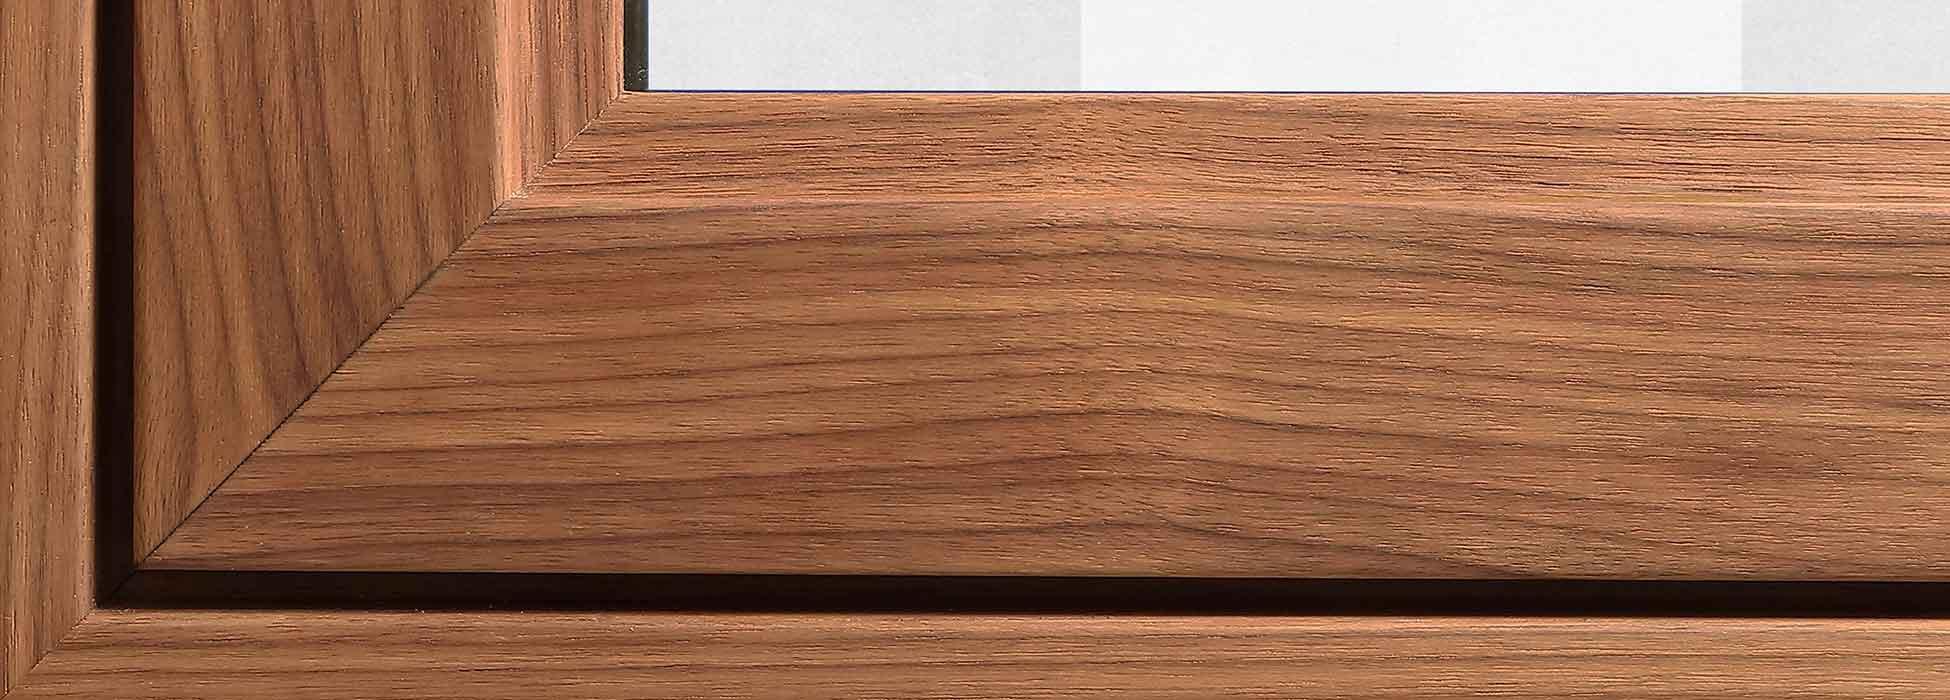 sealants-wood-sirca